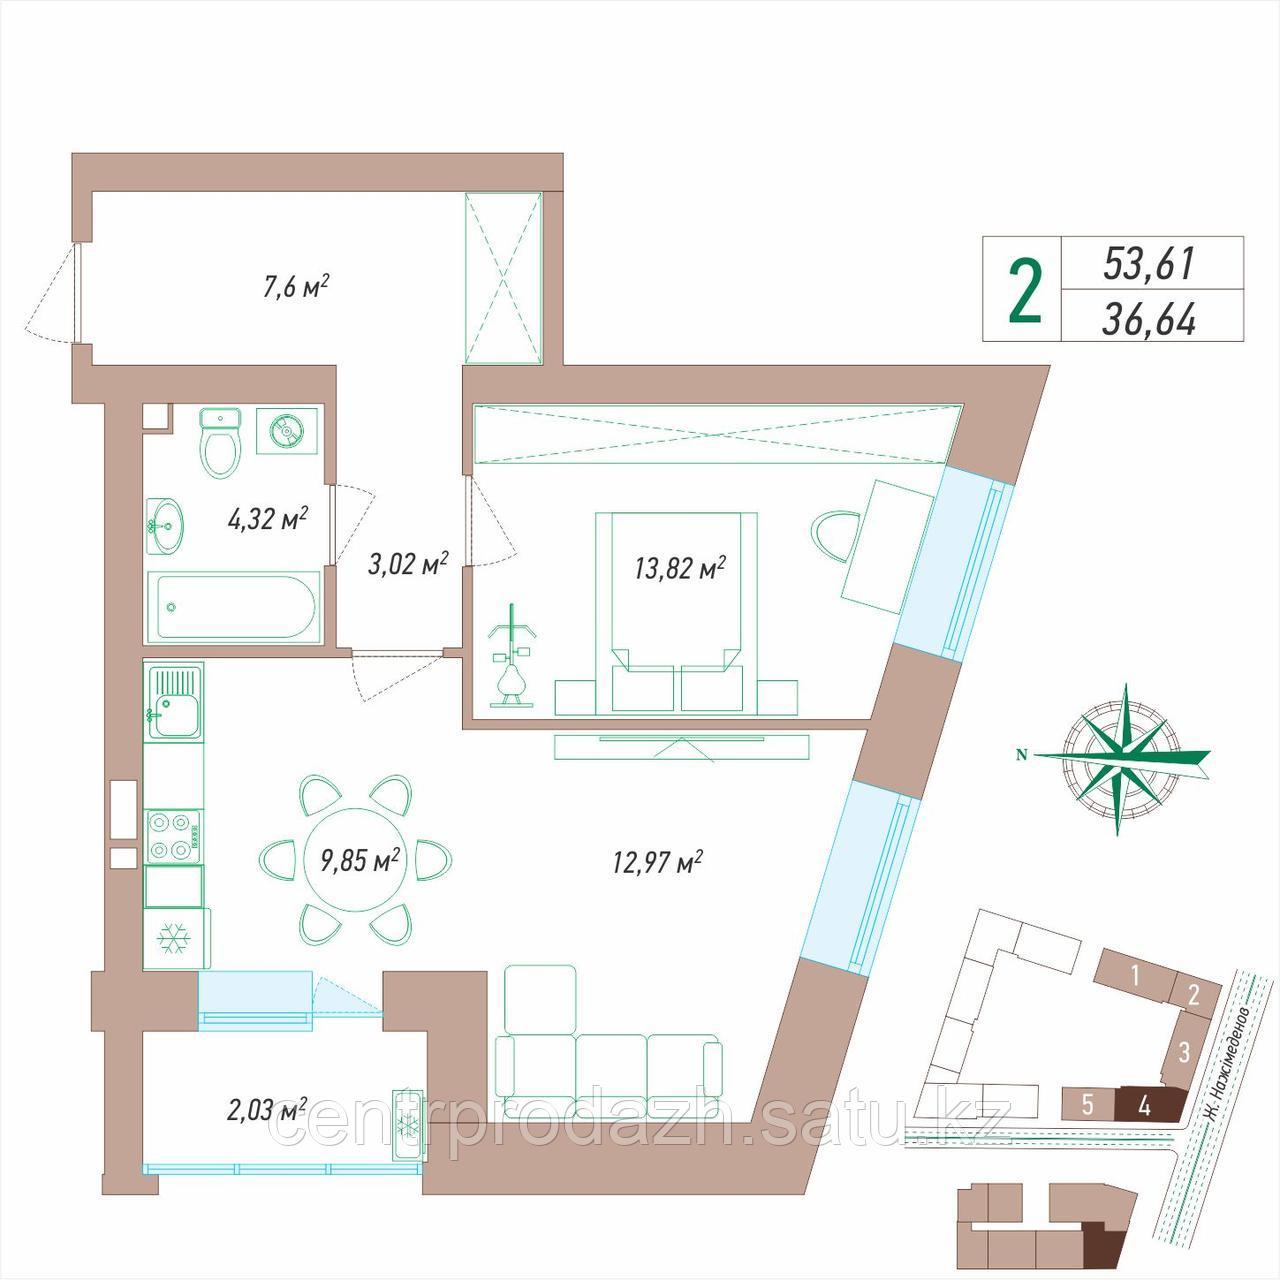 2 комнатная квартира 53.61 м²